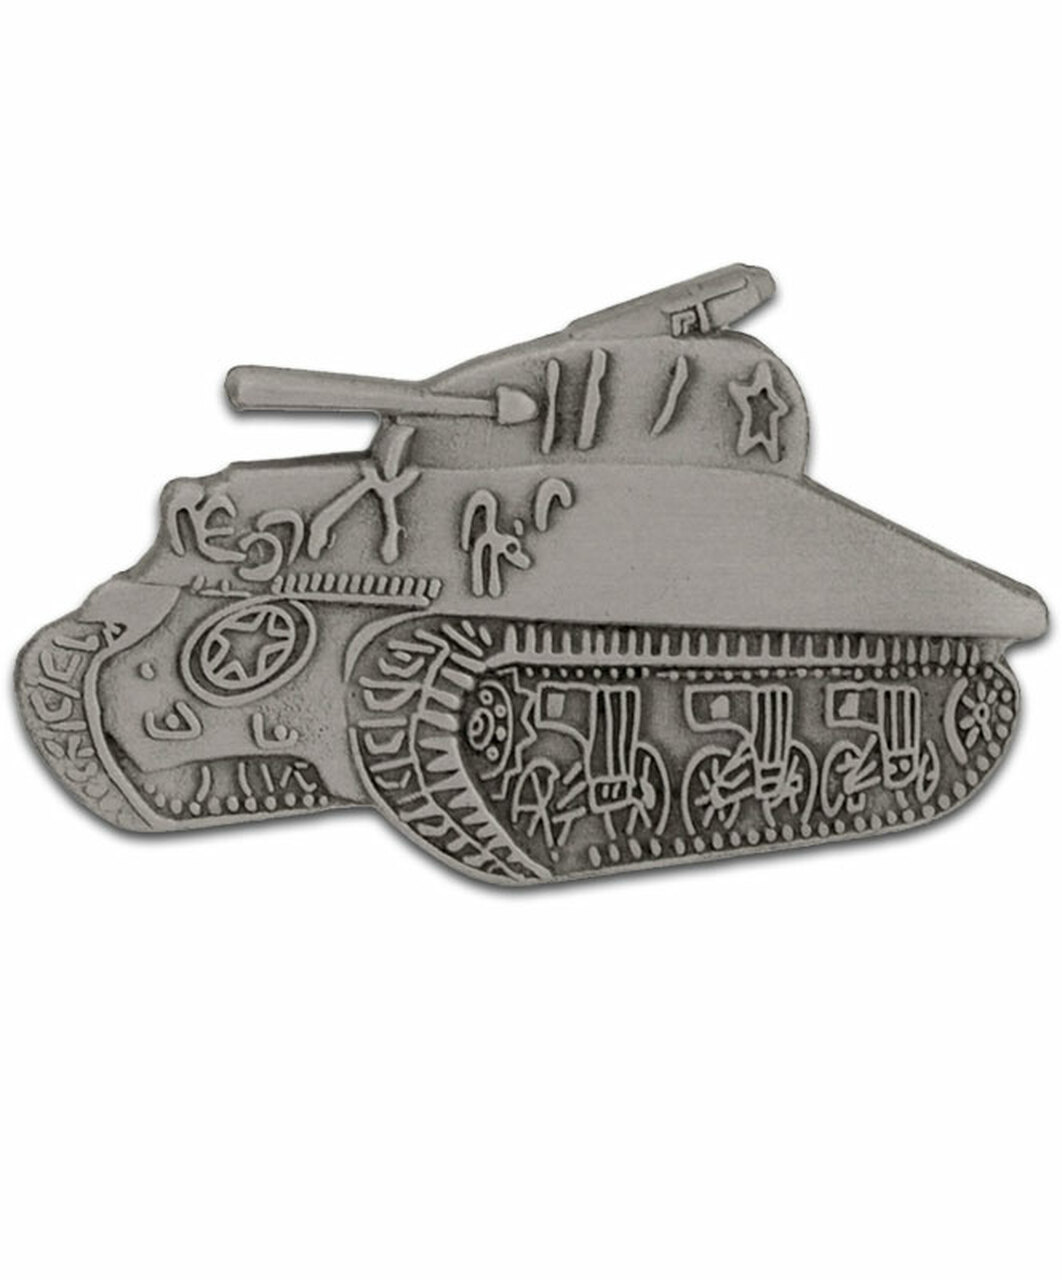 Sherman Tank Lapel Pin